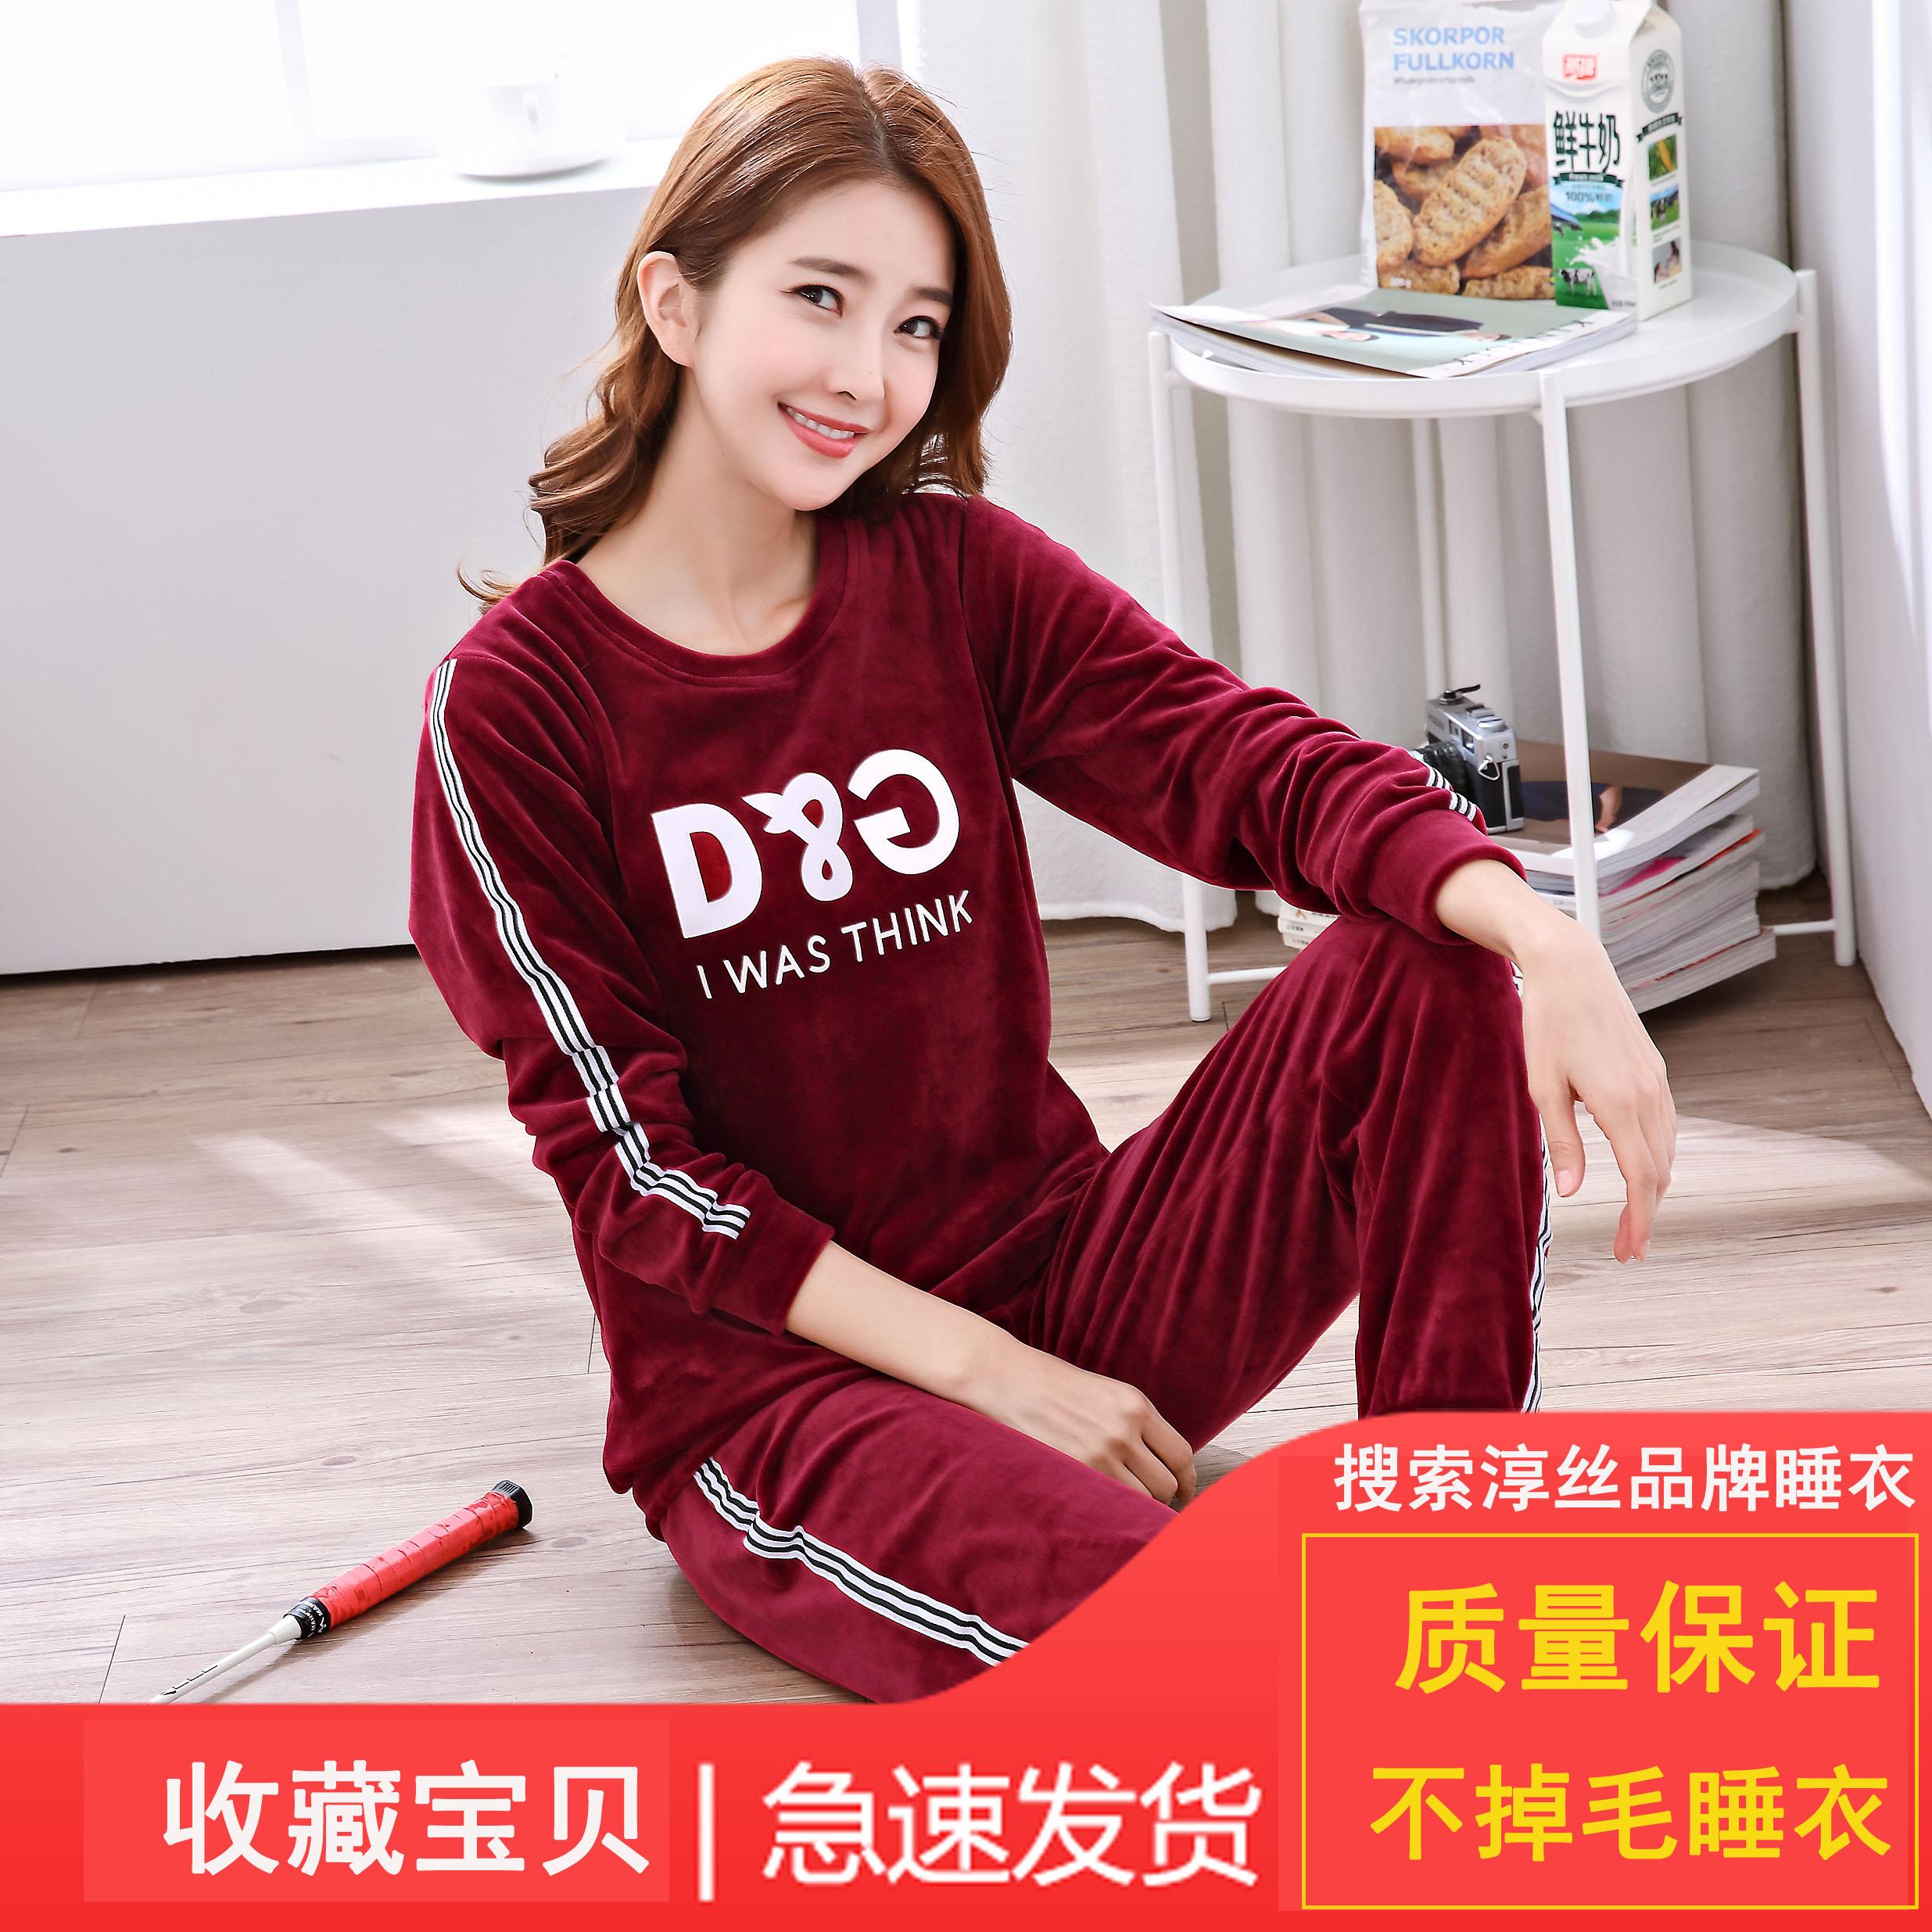 秋冬サンゴの绒のパジャマの女性の長袖は厚い両面の绒のハンズフリーの住宅服のスポーツスーツのフランネルをプラスして保温します。